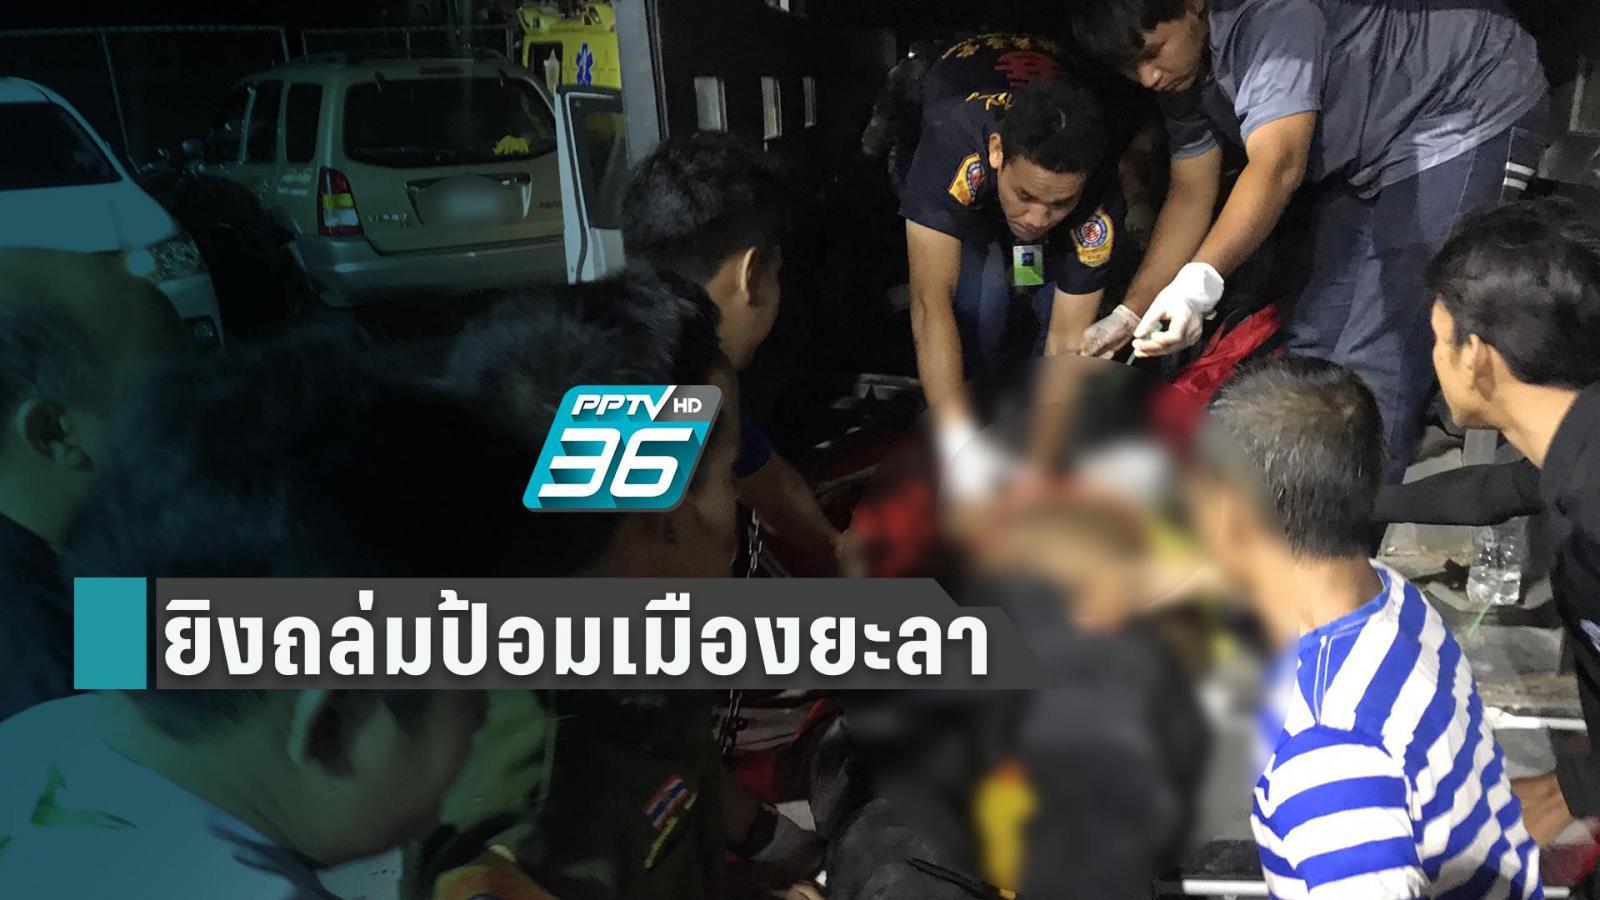 ยิงถล่มยะลา!  เสียชีวิต 15 ราย โปรยตะปูเรือใบกันจนท.ช่วยเหลือ